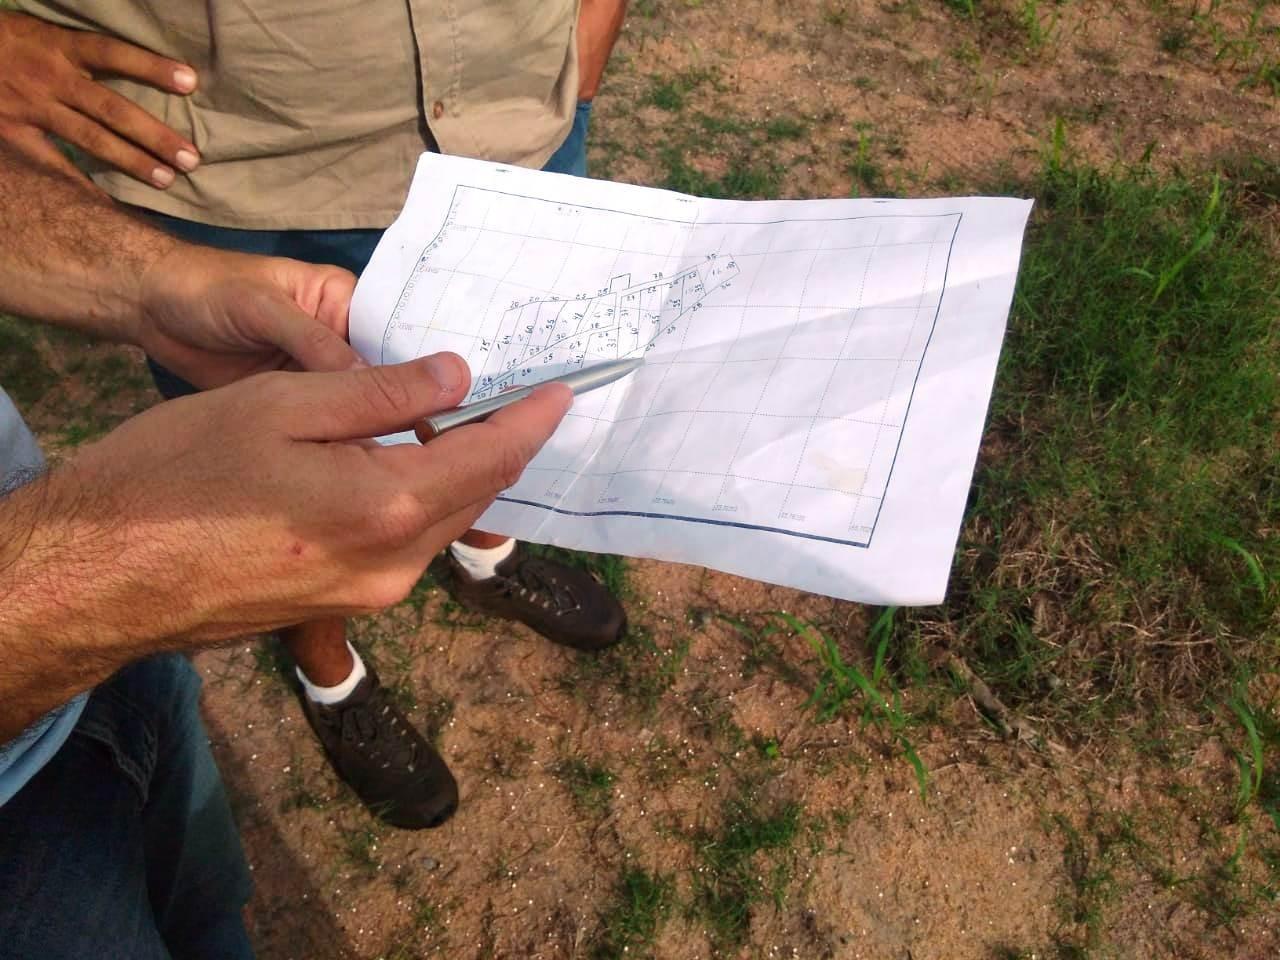 Semas abre inscrições presenciais para produtores rurais participarem do programa Territórios Sustentáveis